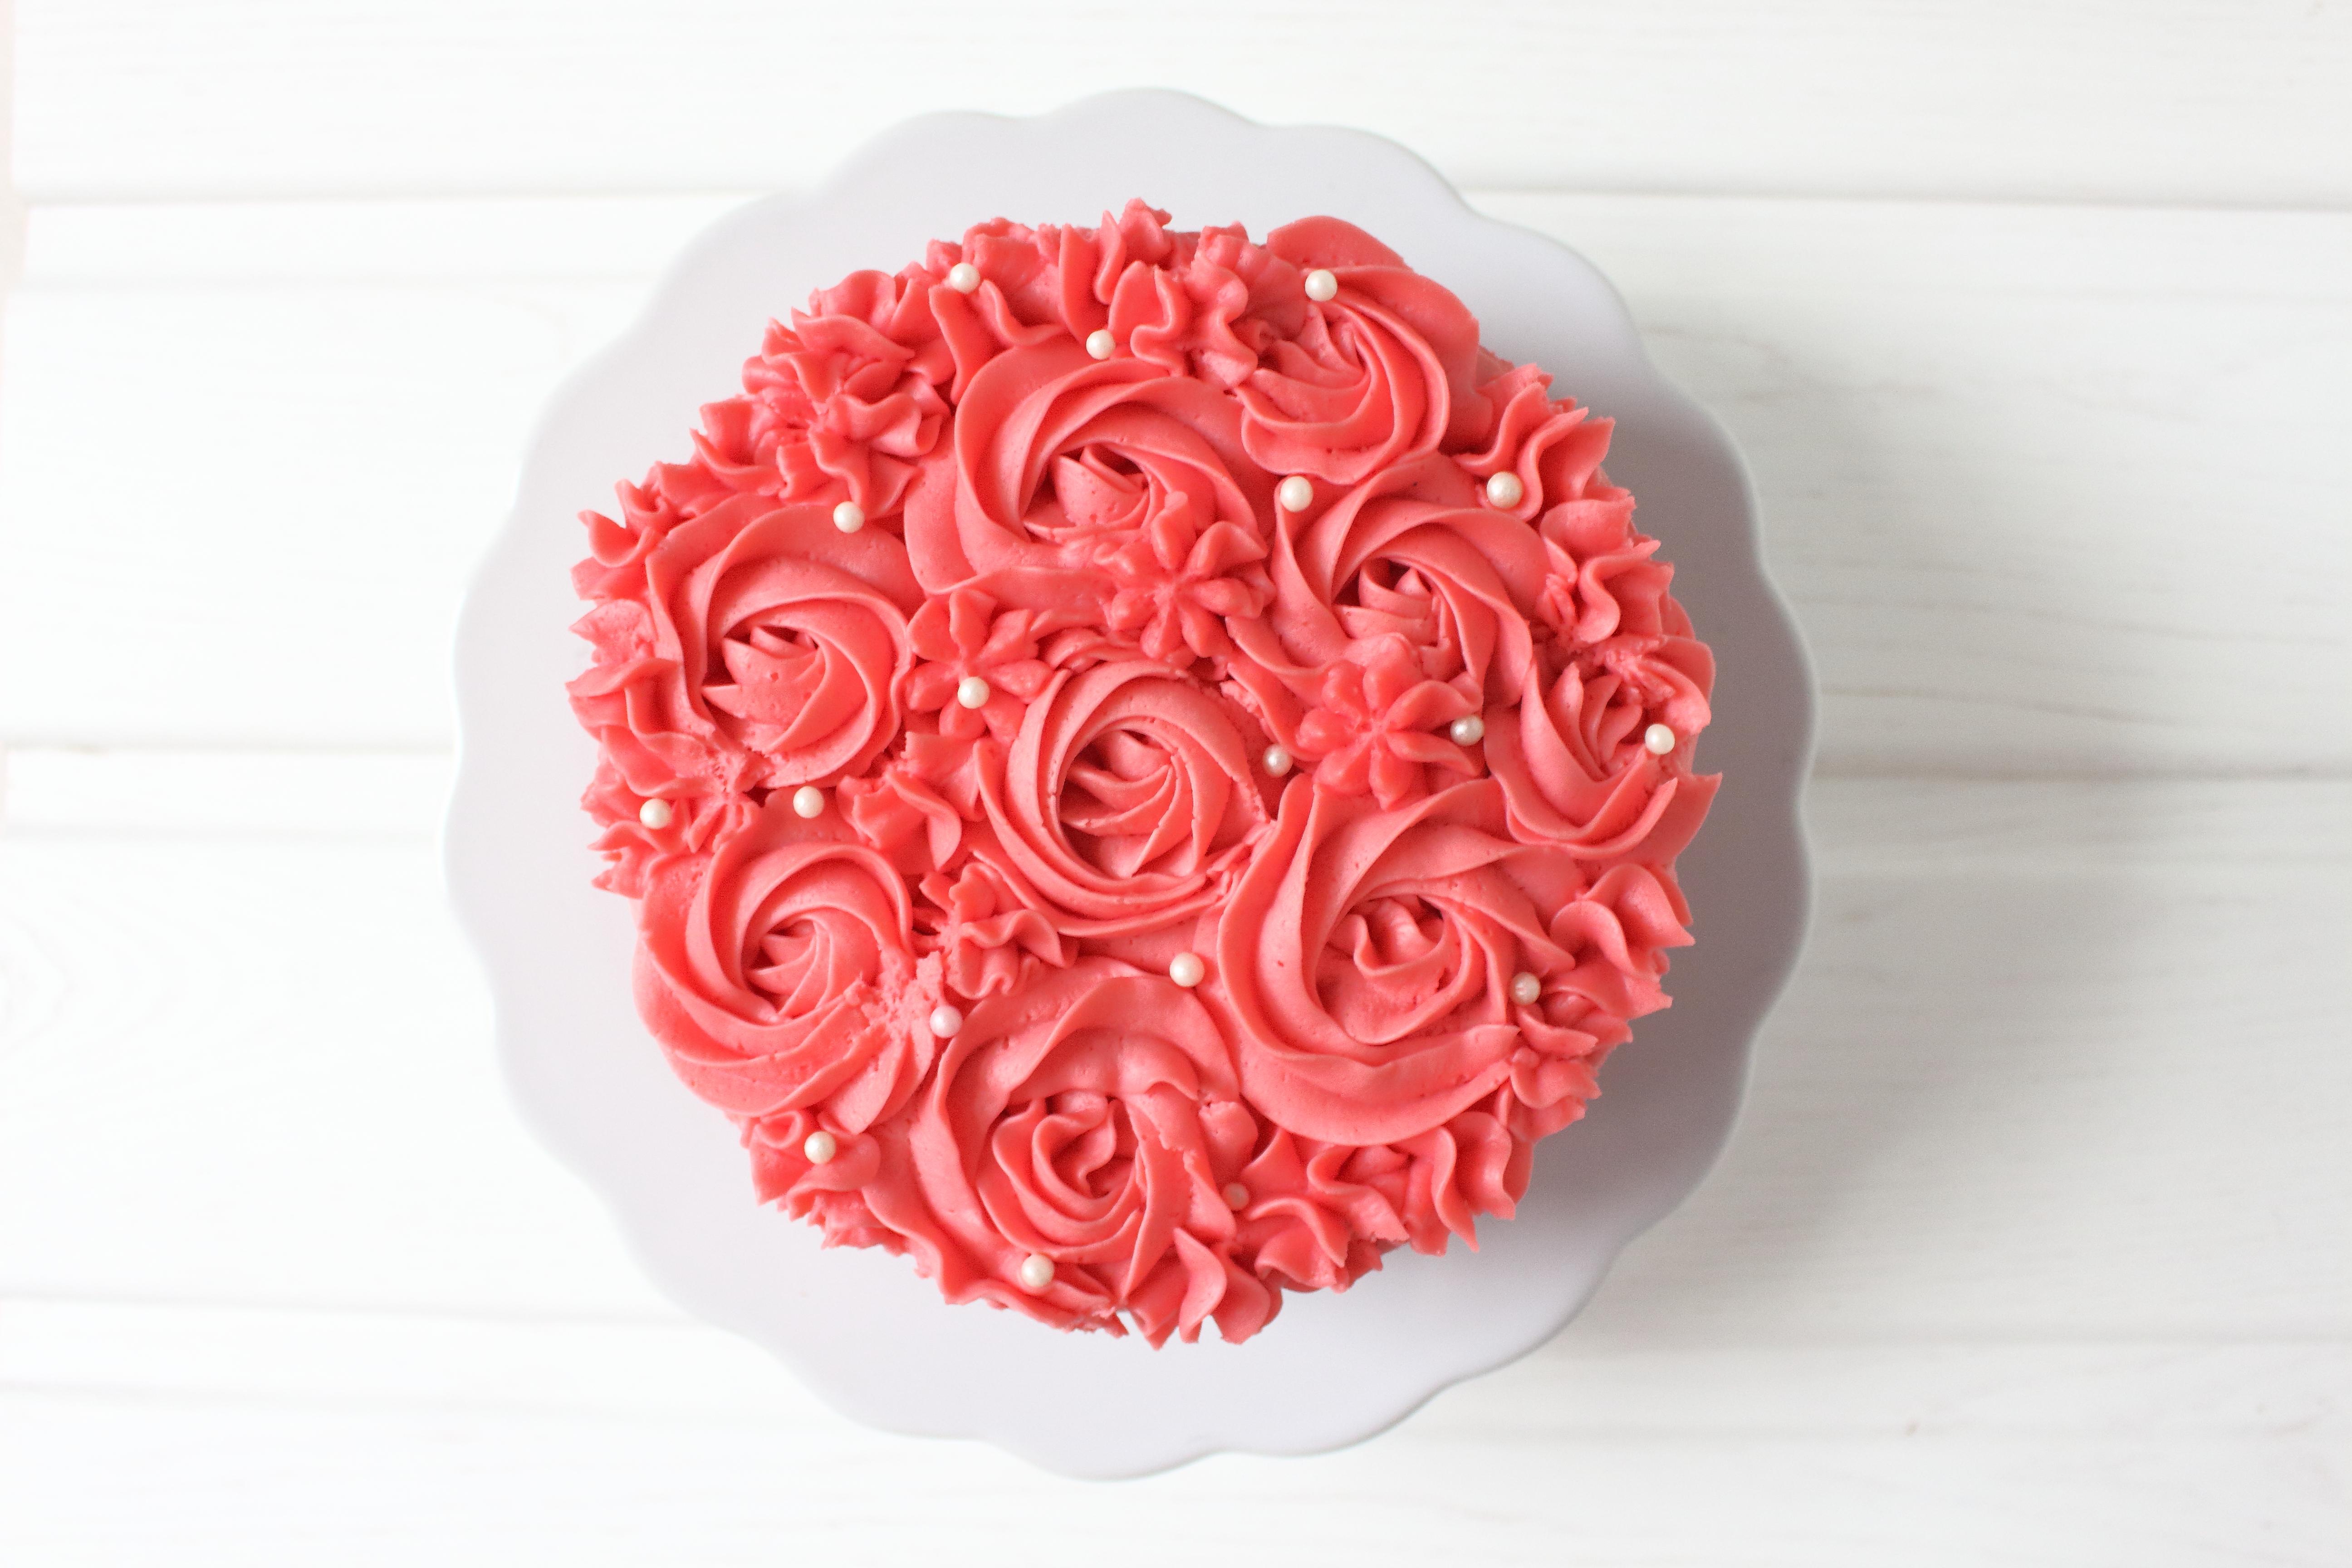 Hach Ja, Wär Das Nicht Schön, Wenn Ihr Eure Liebsten Zum Valentinstag Neben  Dem Obligatorischen Blumenstrauß Auch Noch Mit Einem Rosen Törtchen  überraschen ...